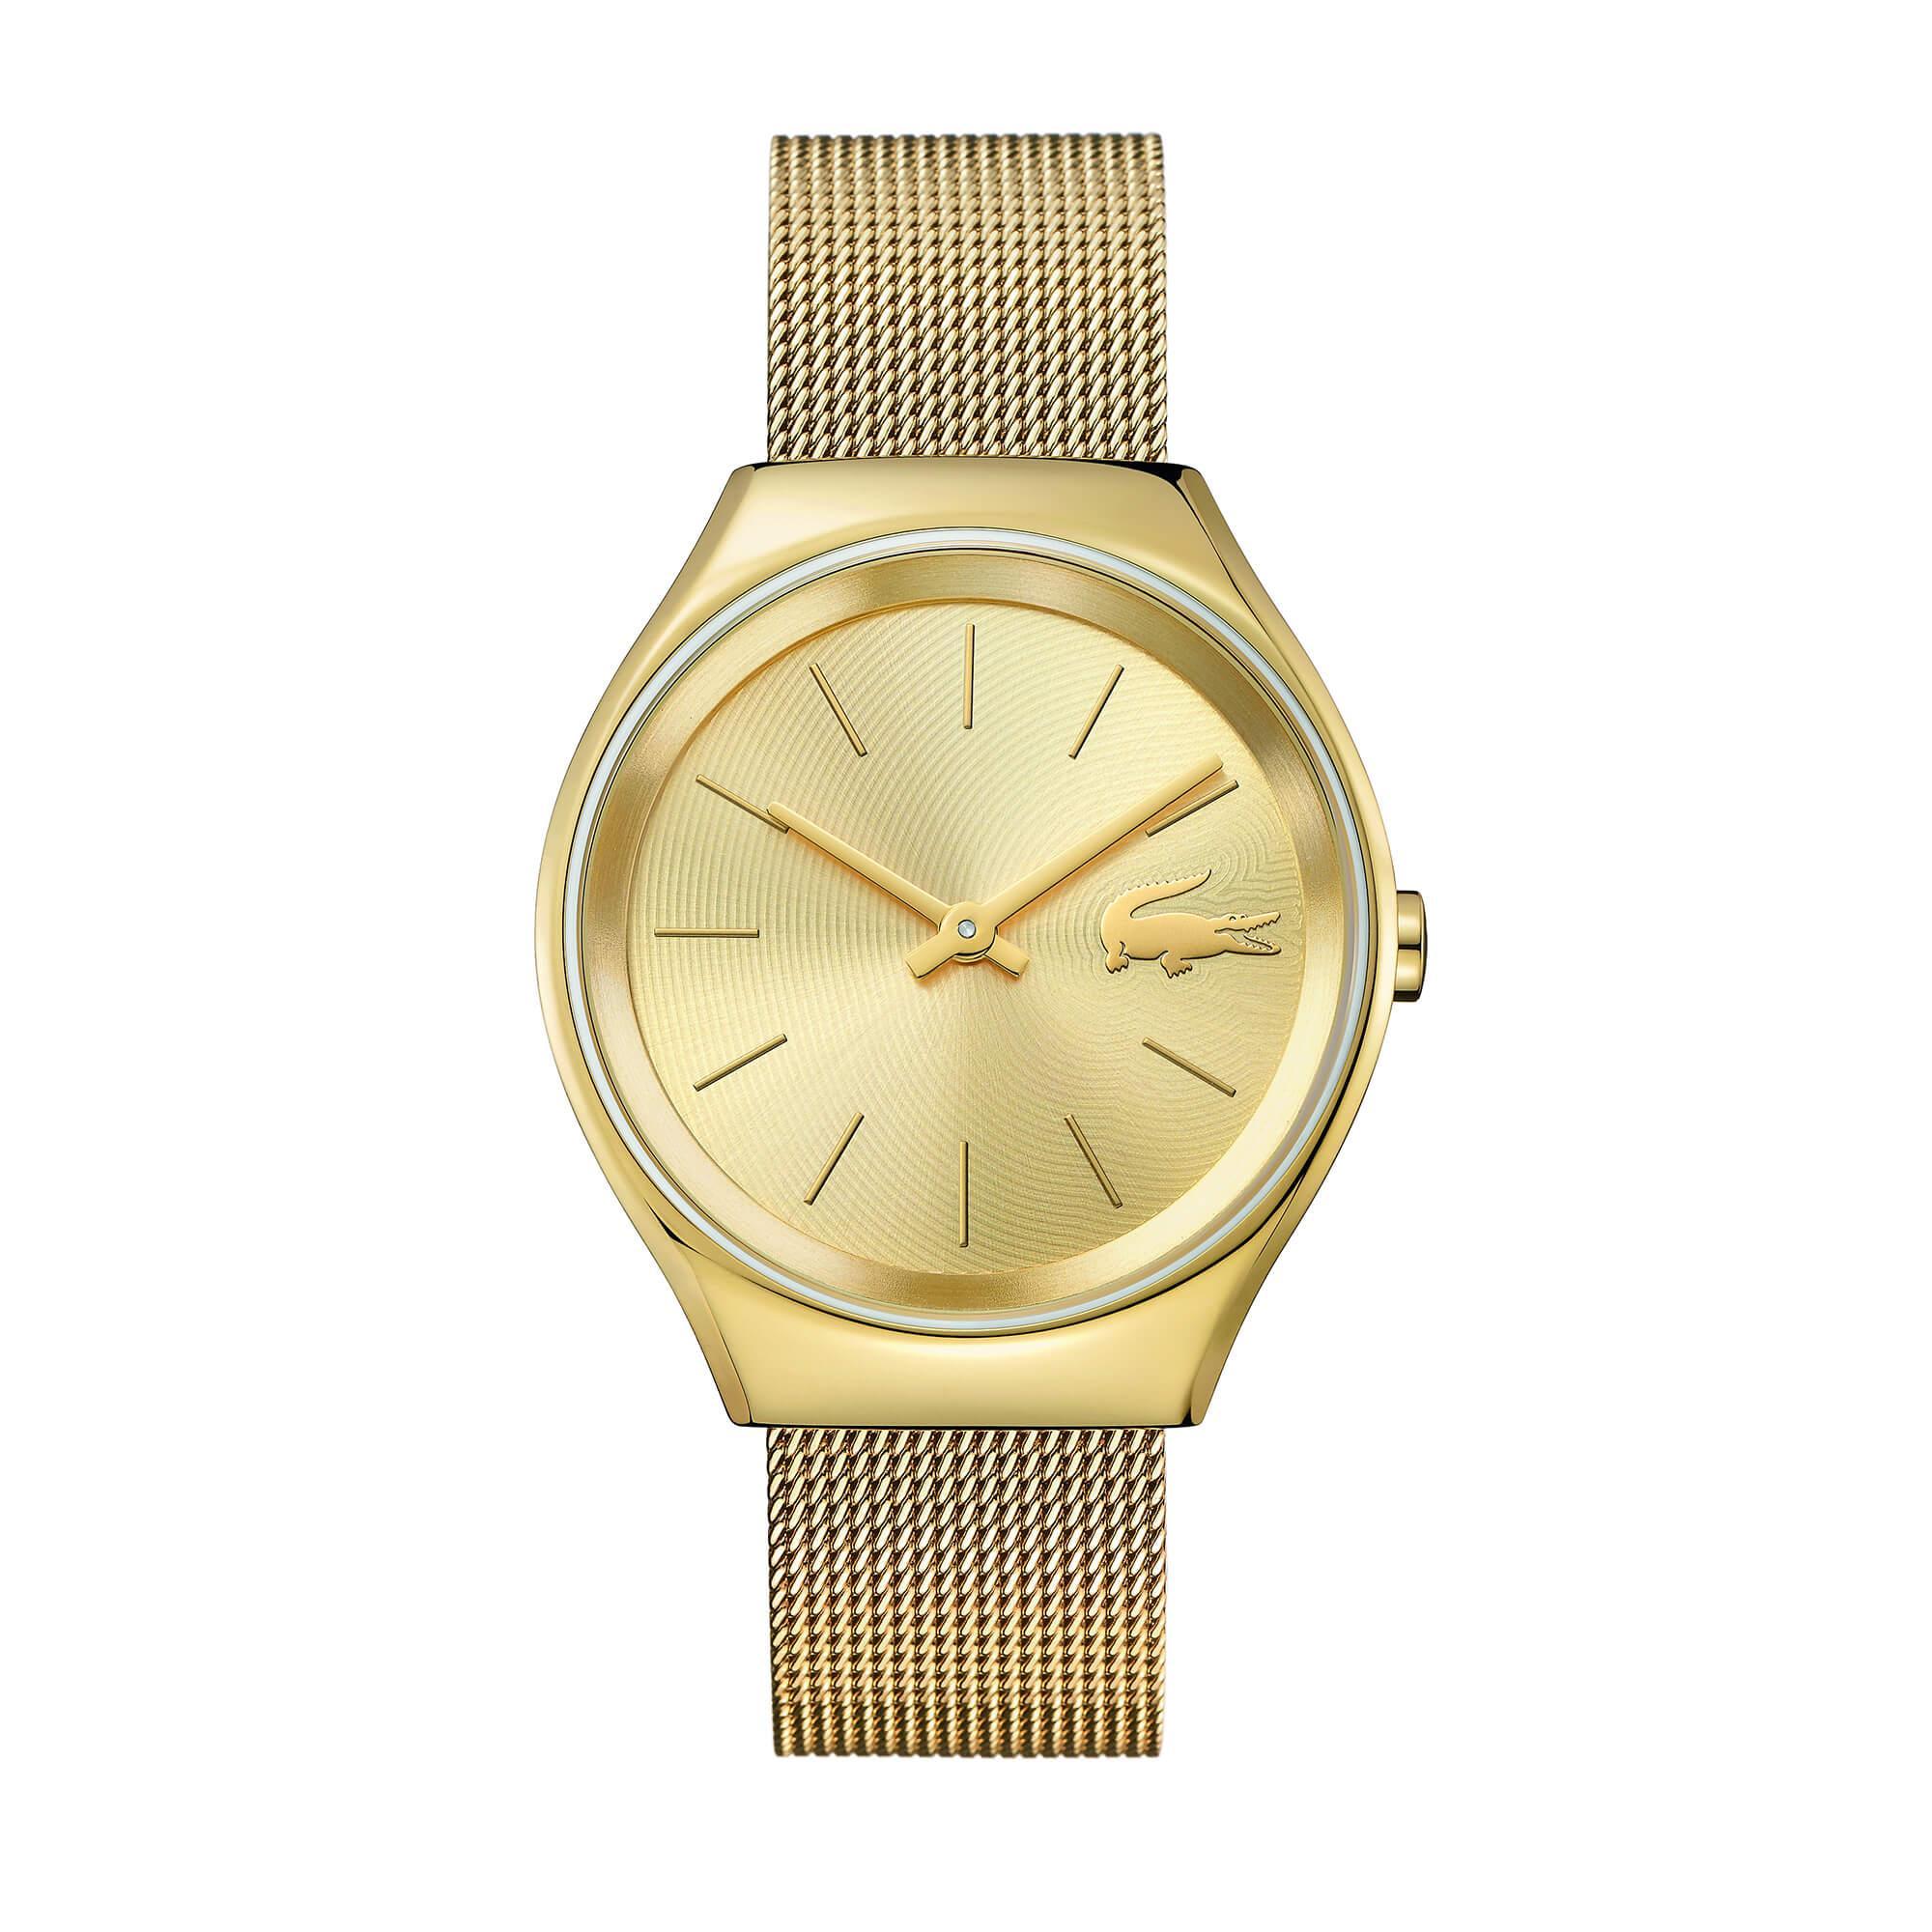 Lacoste Kadın Altın Sarısı Saat